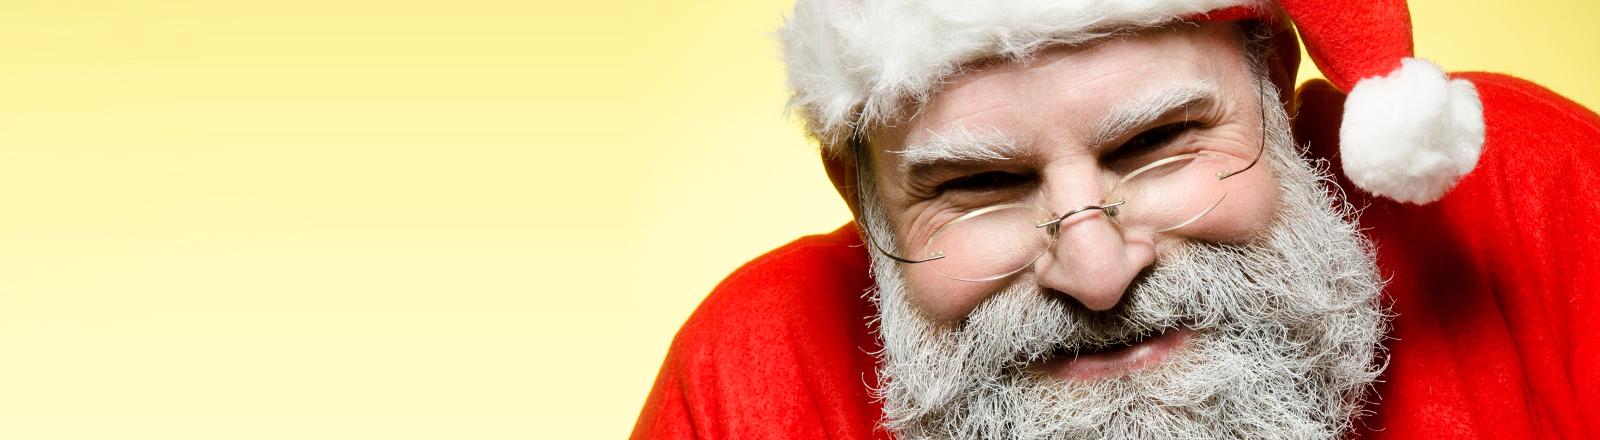 Ein etwas fies guckender Weihnachtsmann.